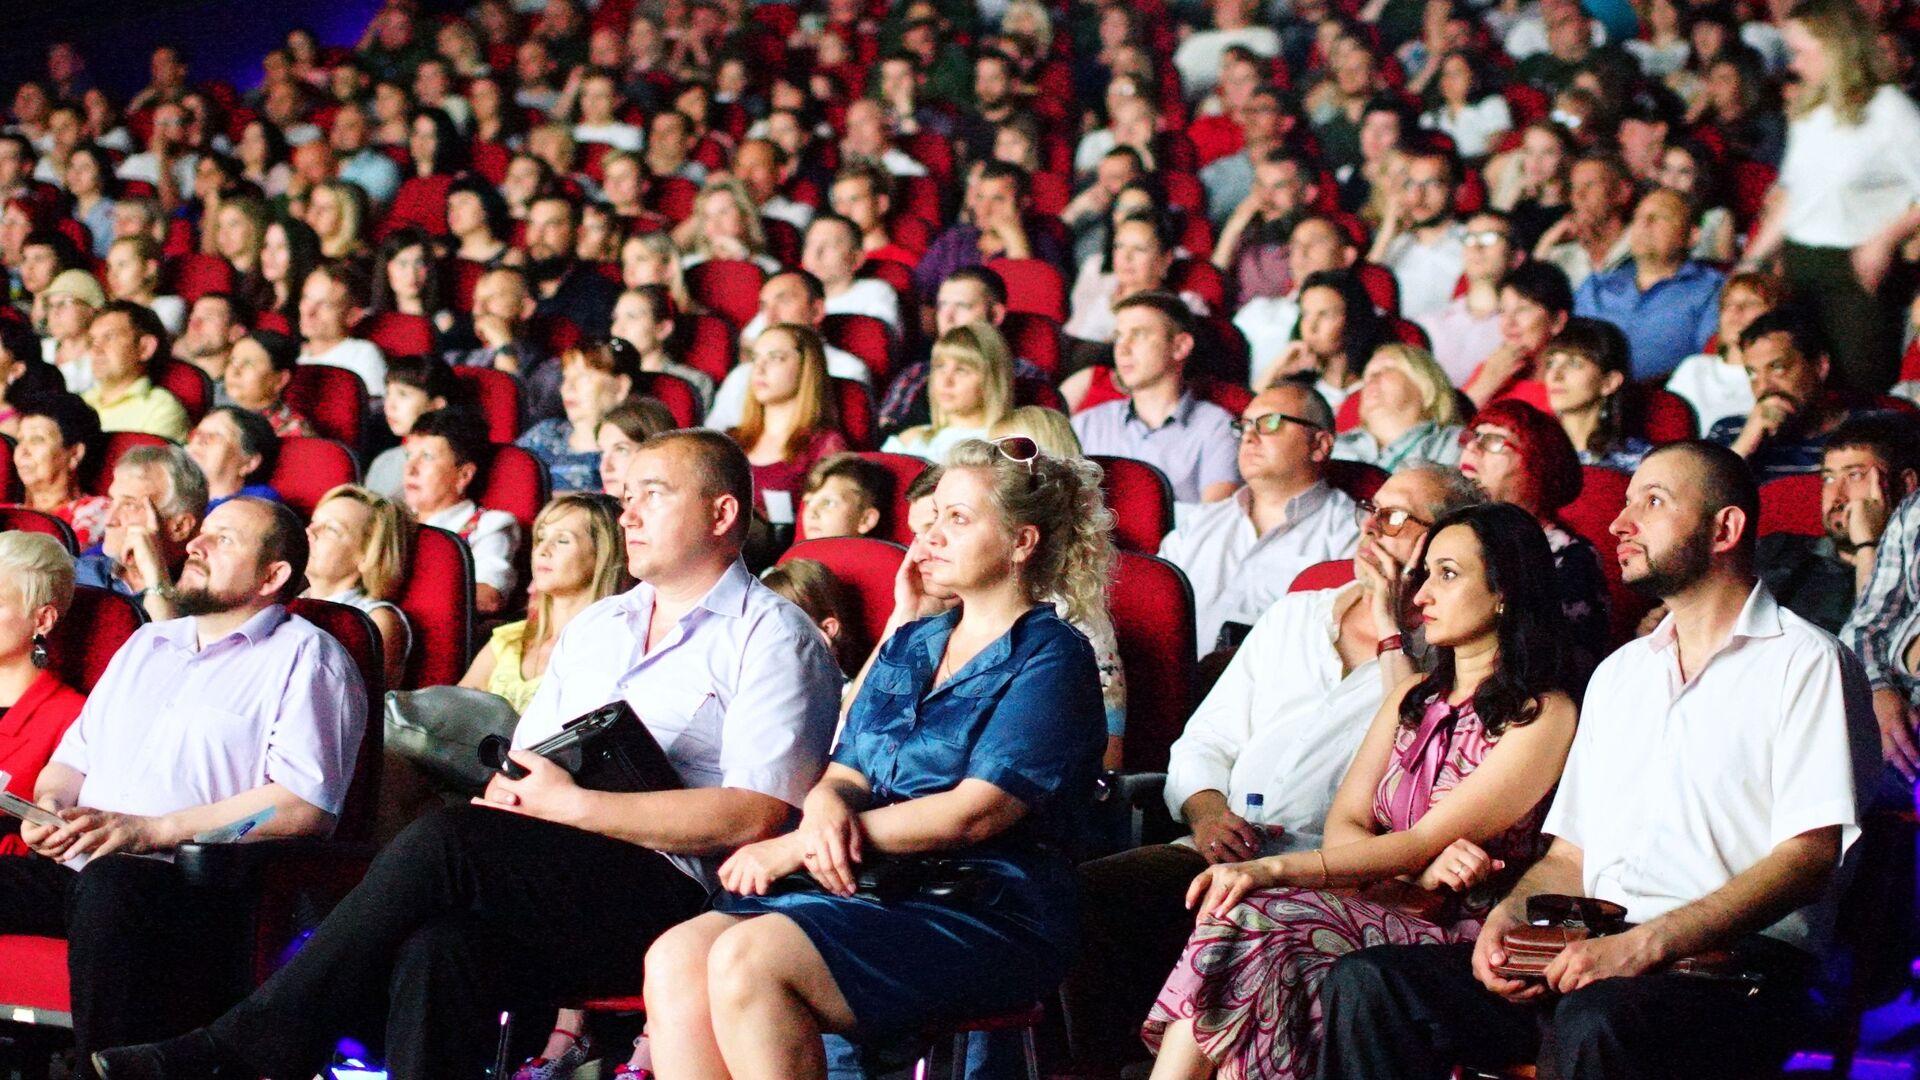 Зрители в кинотеатре, архивное фото - Sputnik Таджикистан, 1920, 21.08.2021